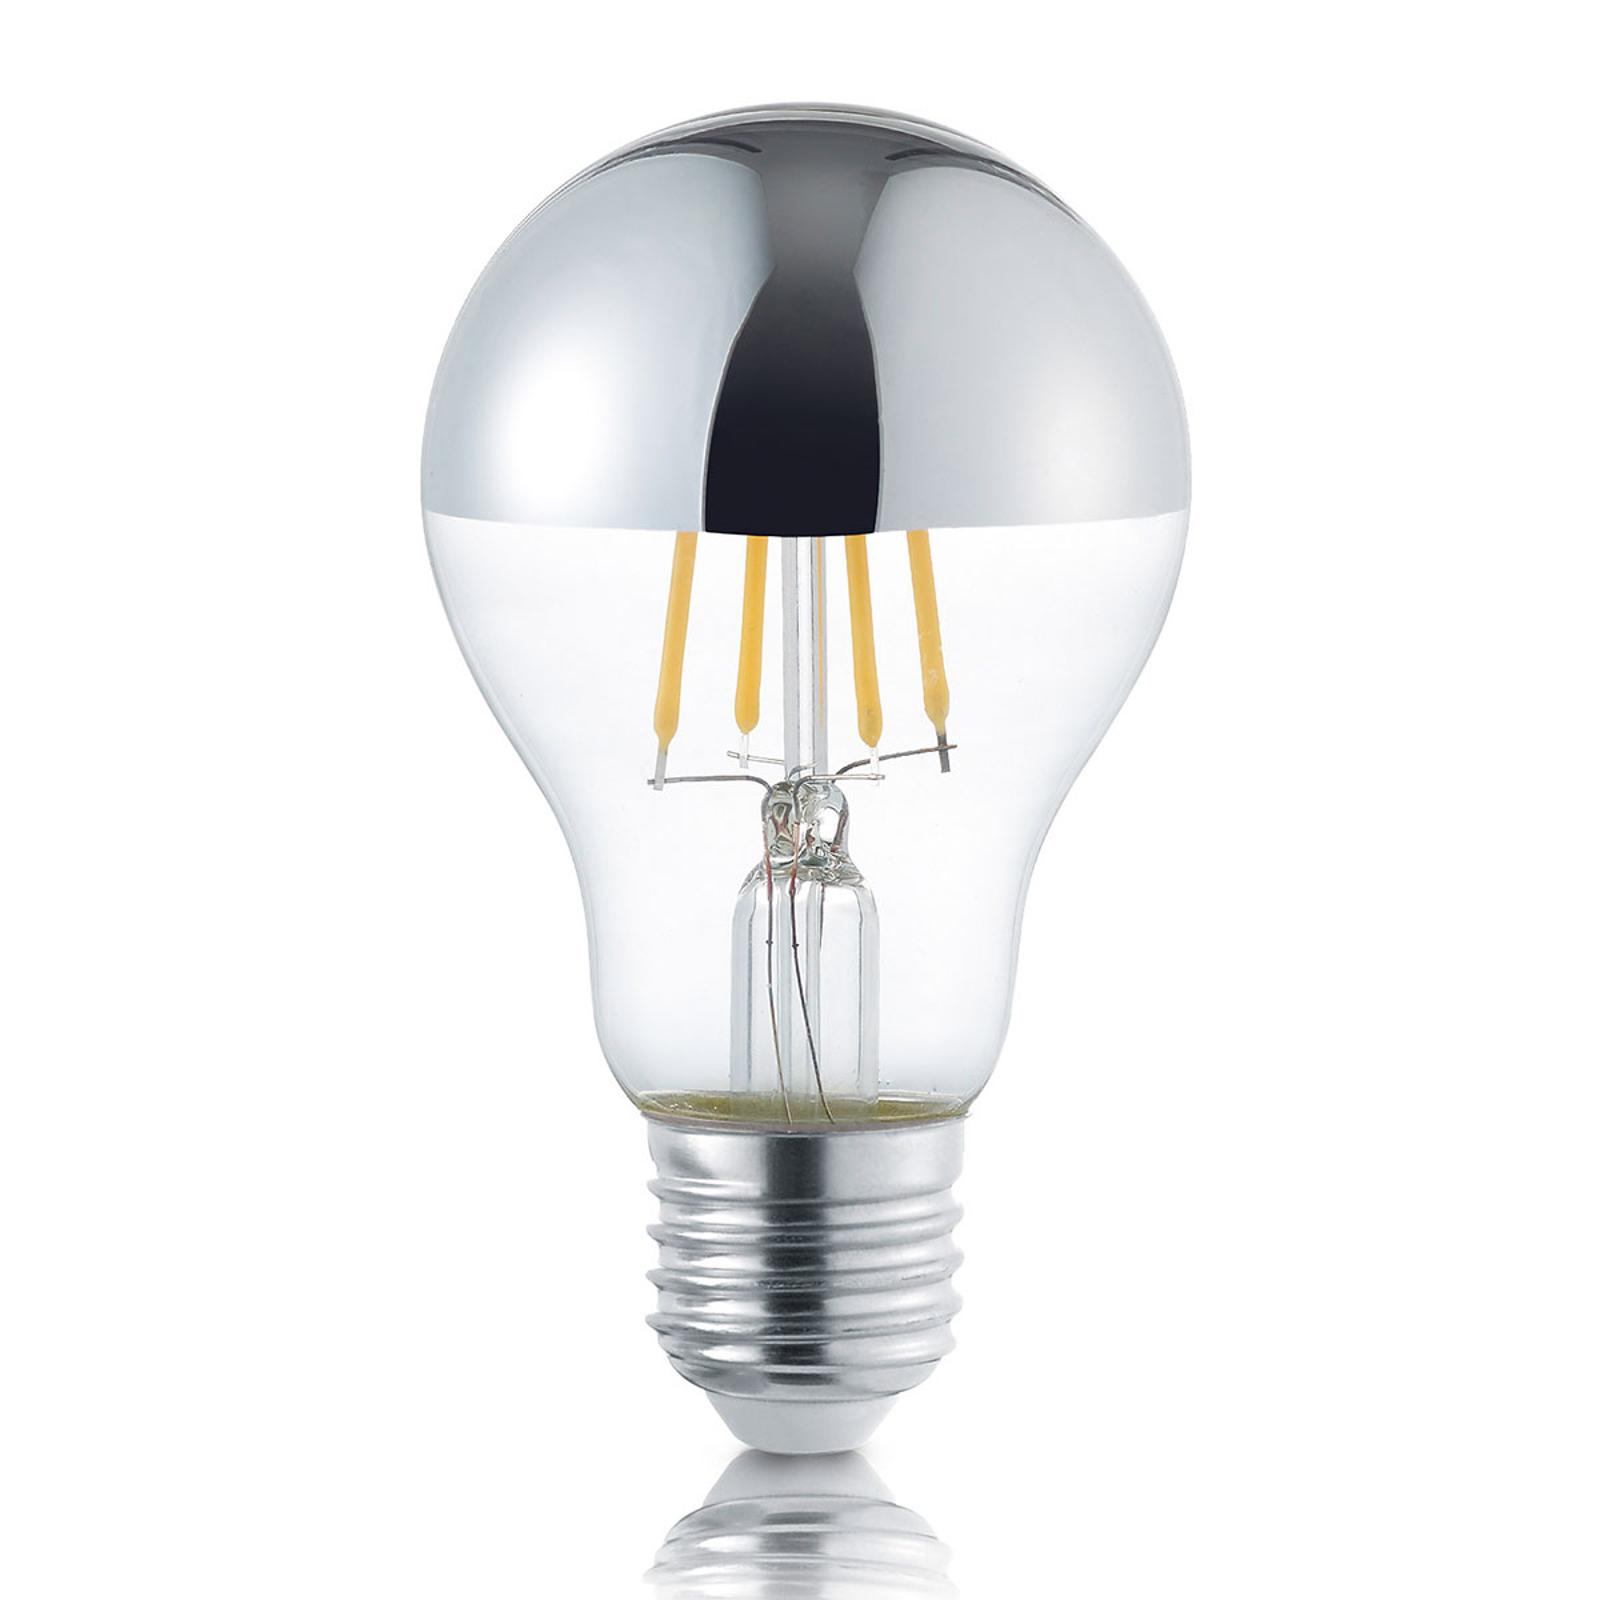 Topforspejlet LED-pære E27 4 W, varmhvid